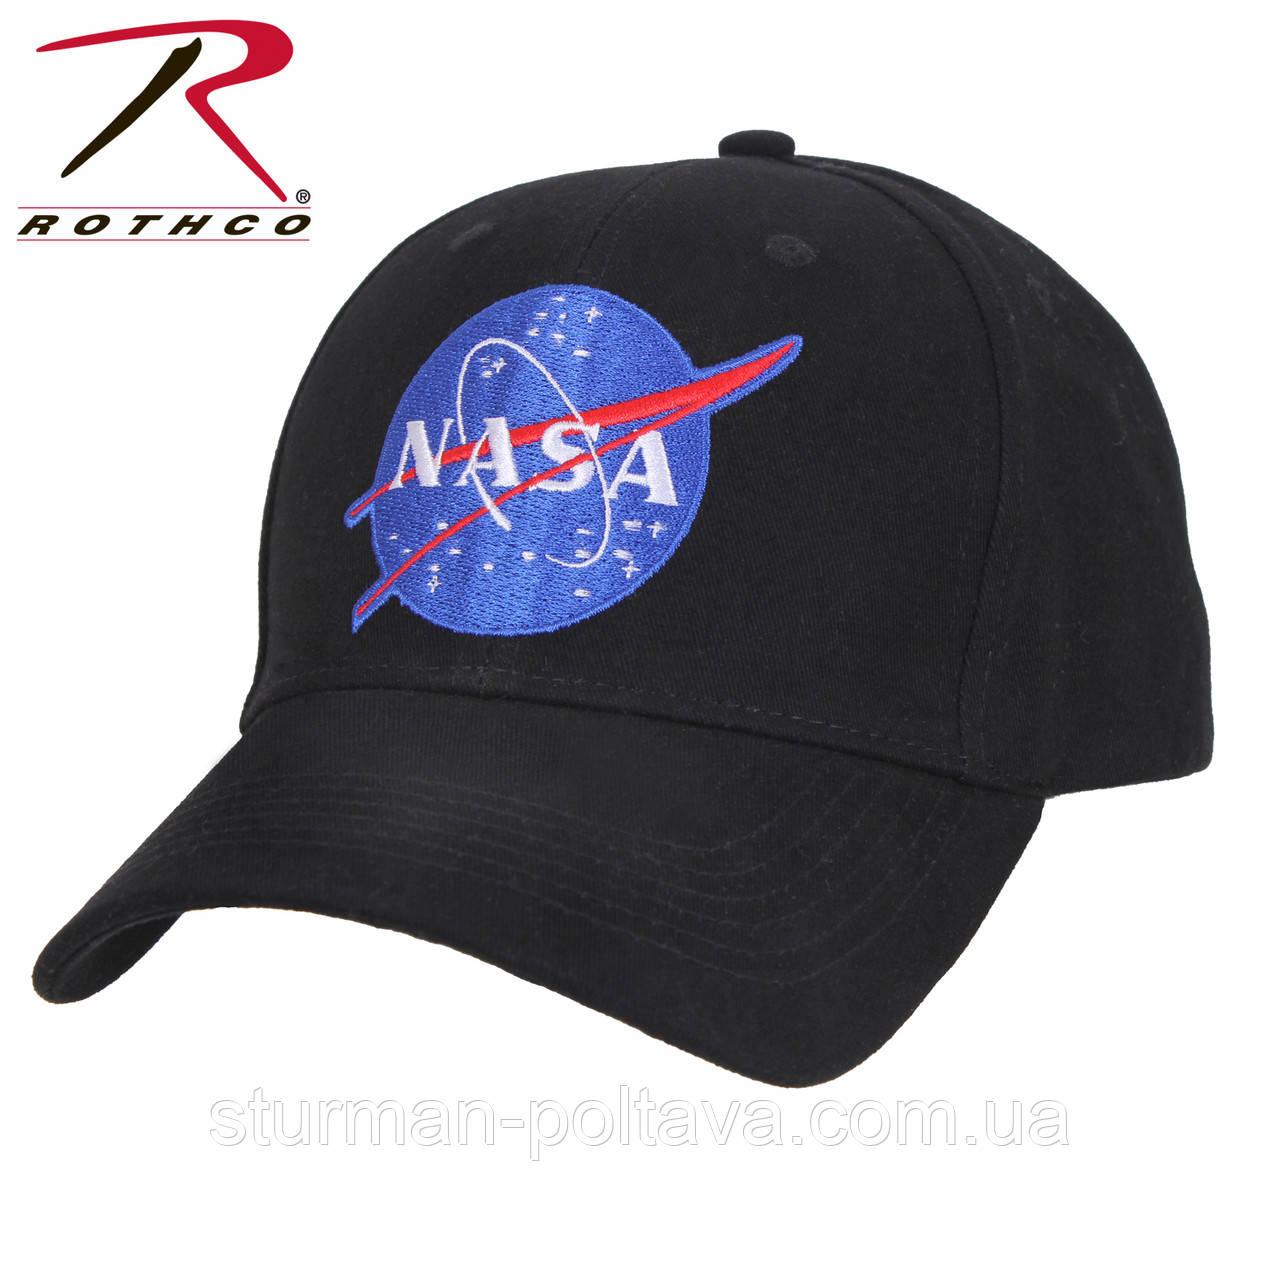 Бейсболка Rothco NASA  USA